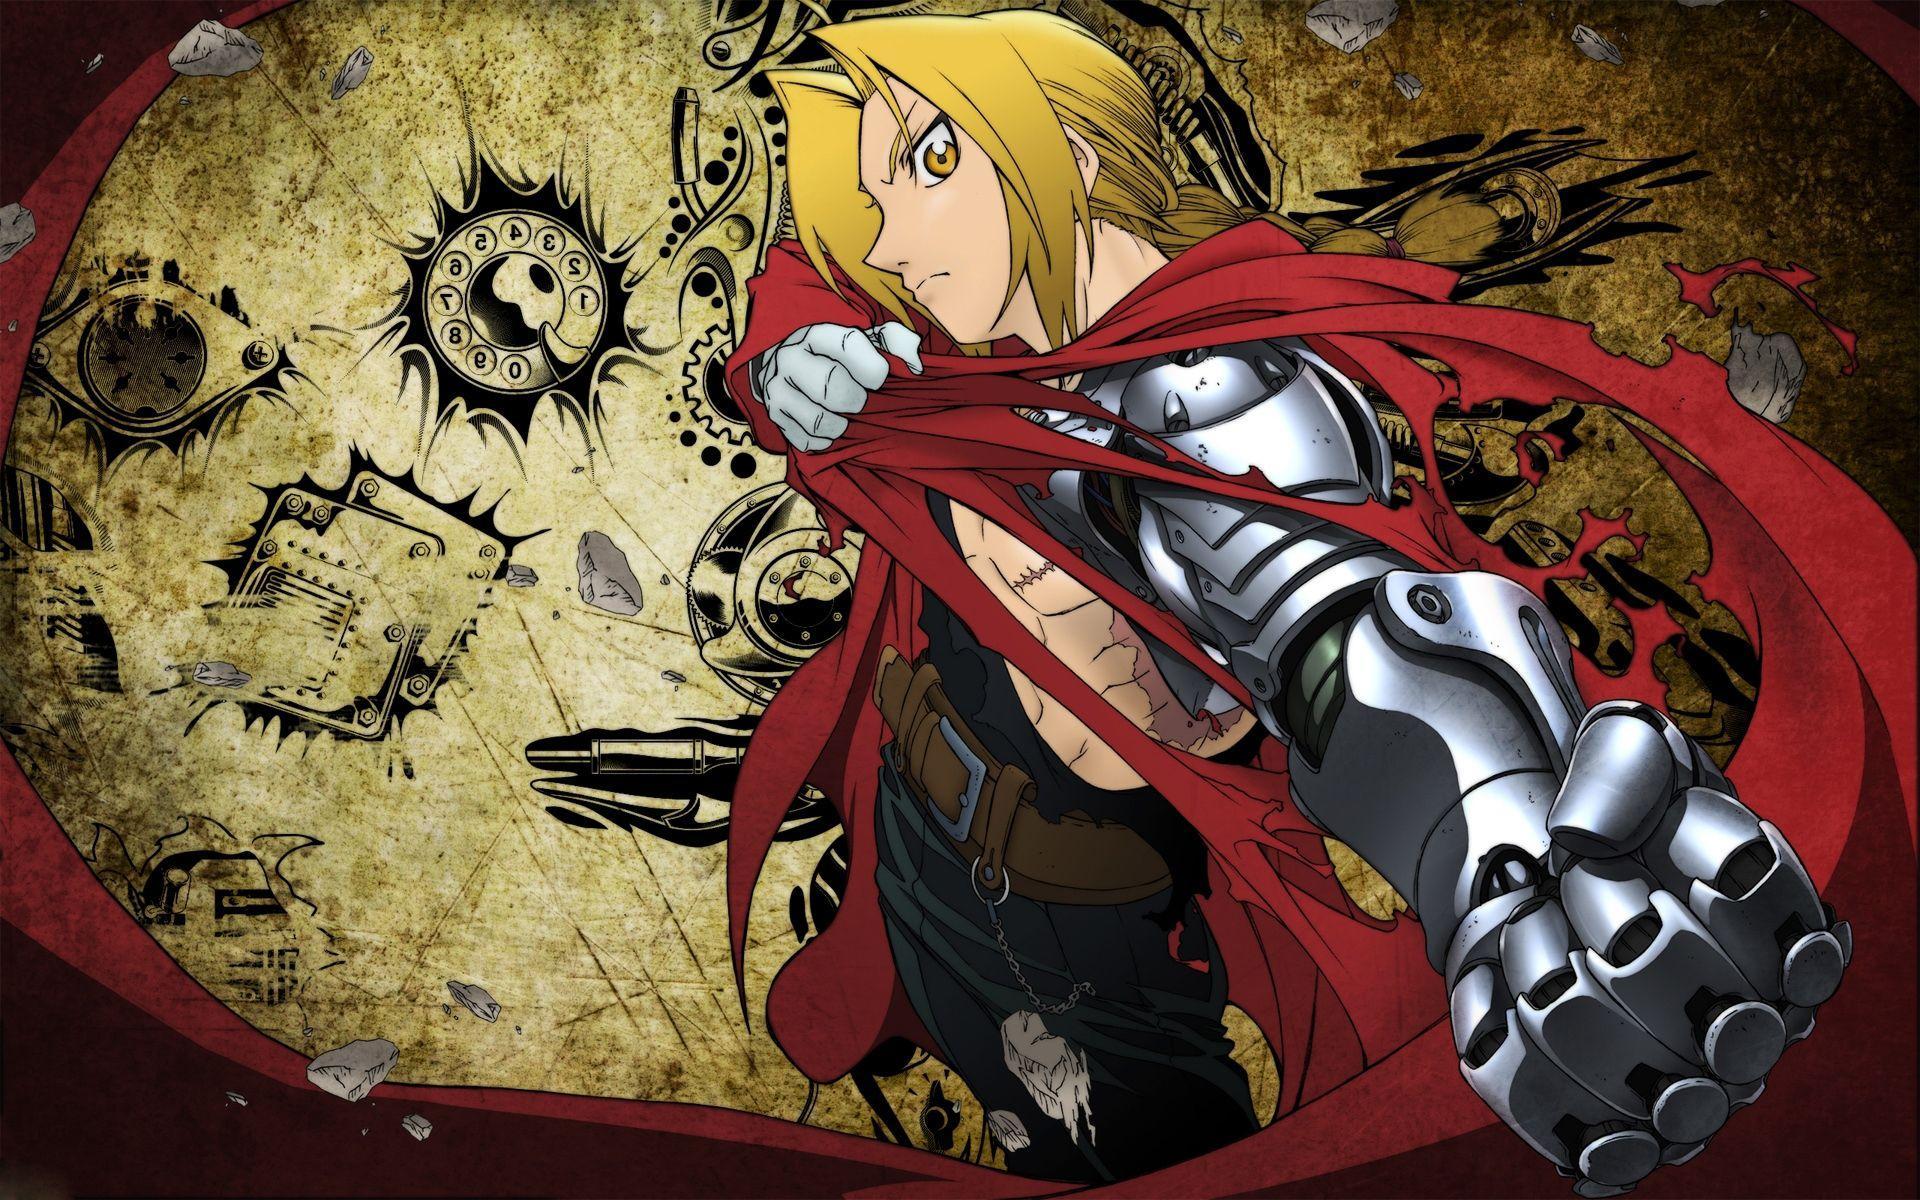 3d Fullmetal Alchemist Wallpapers Top Free 3d Fullmetal